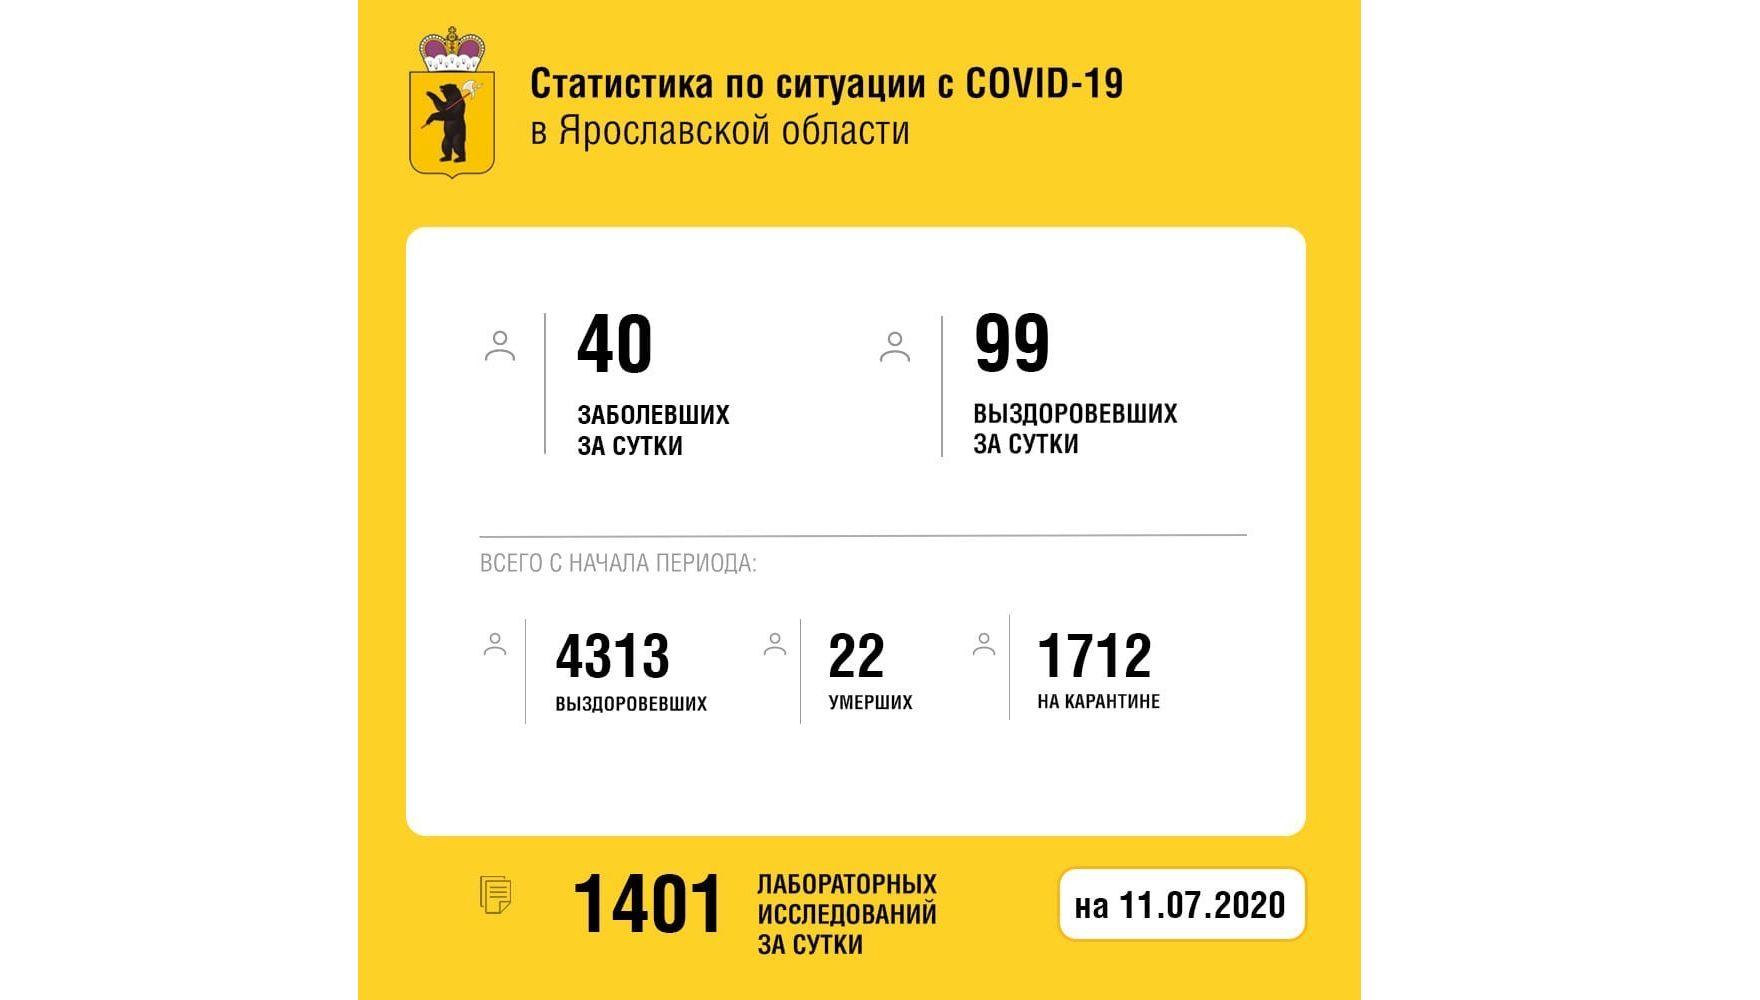 Еще 99 жителей Ярославской области вылечили от коронавируса